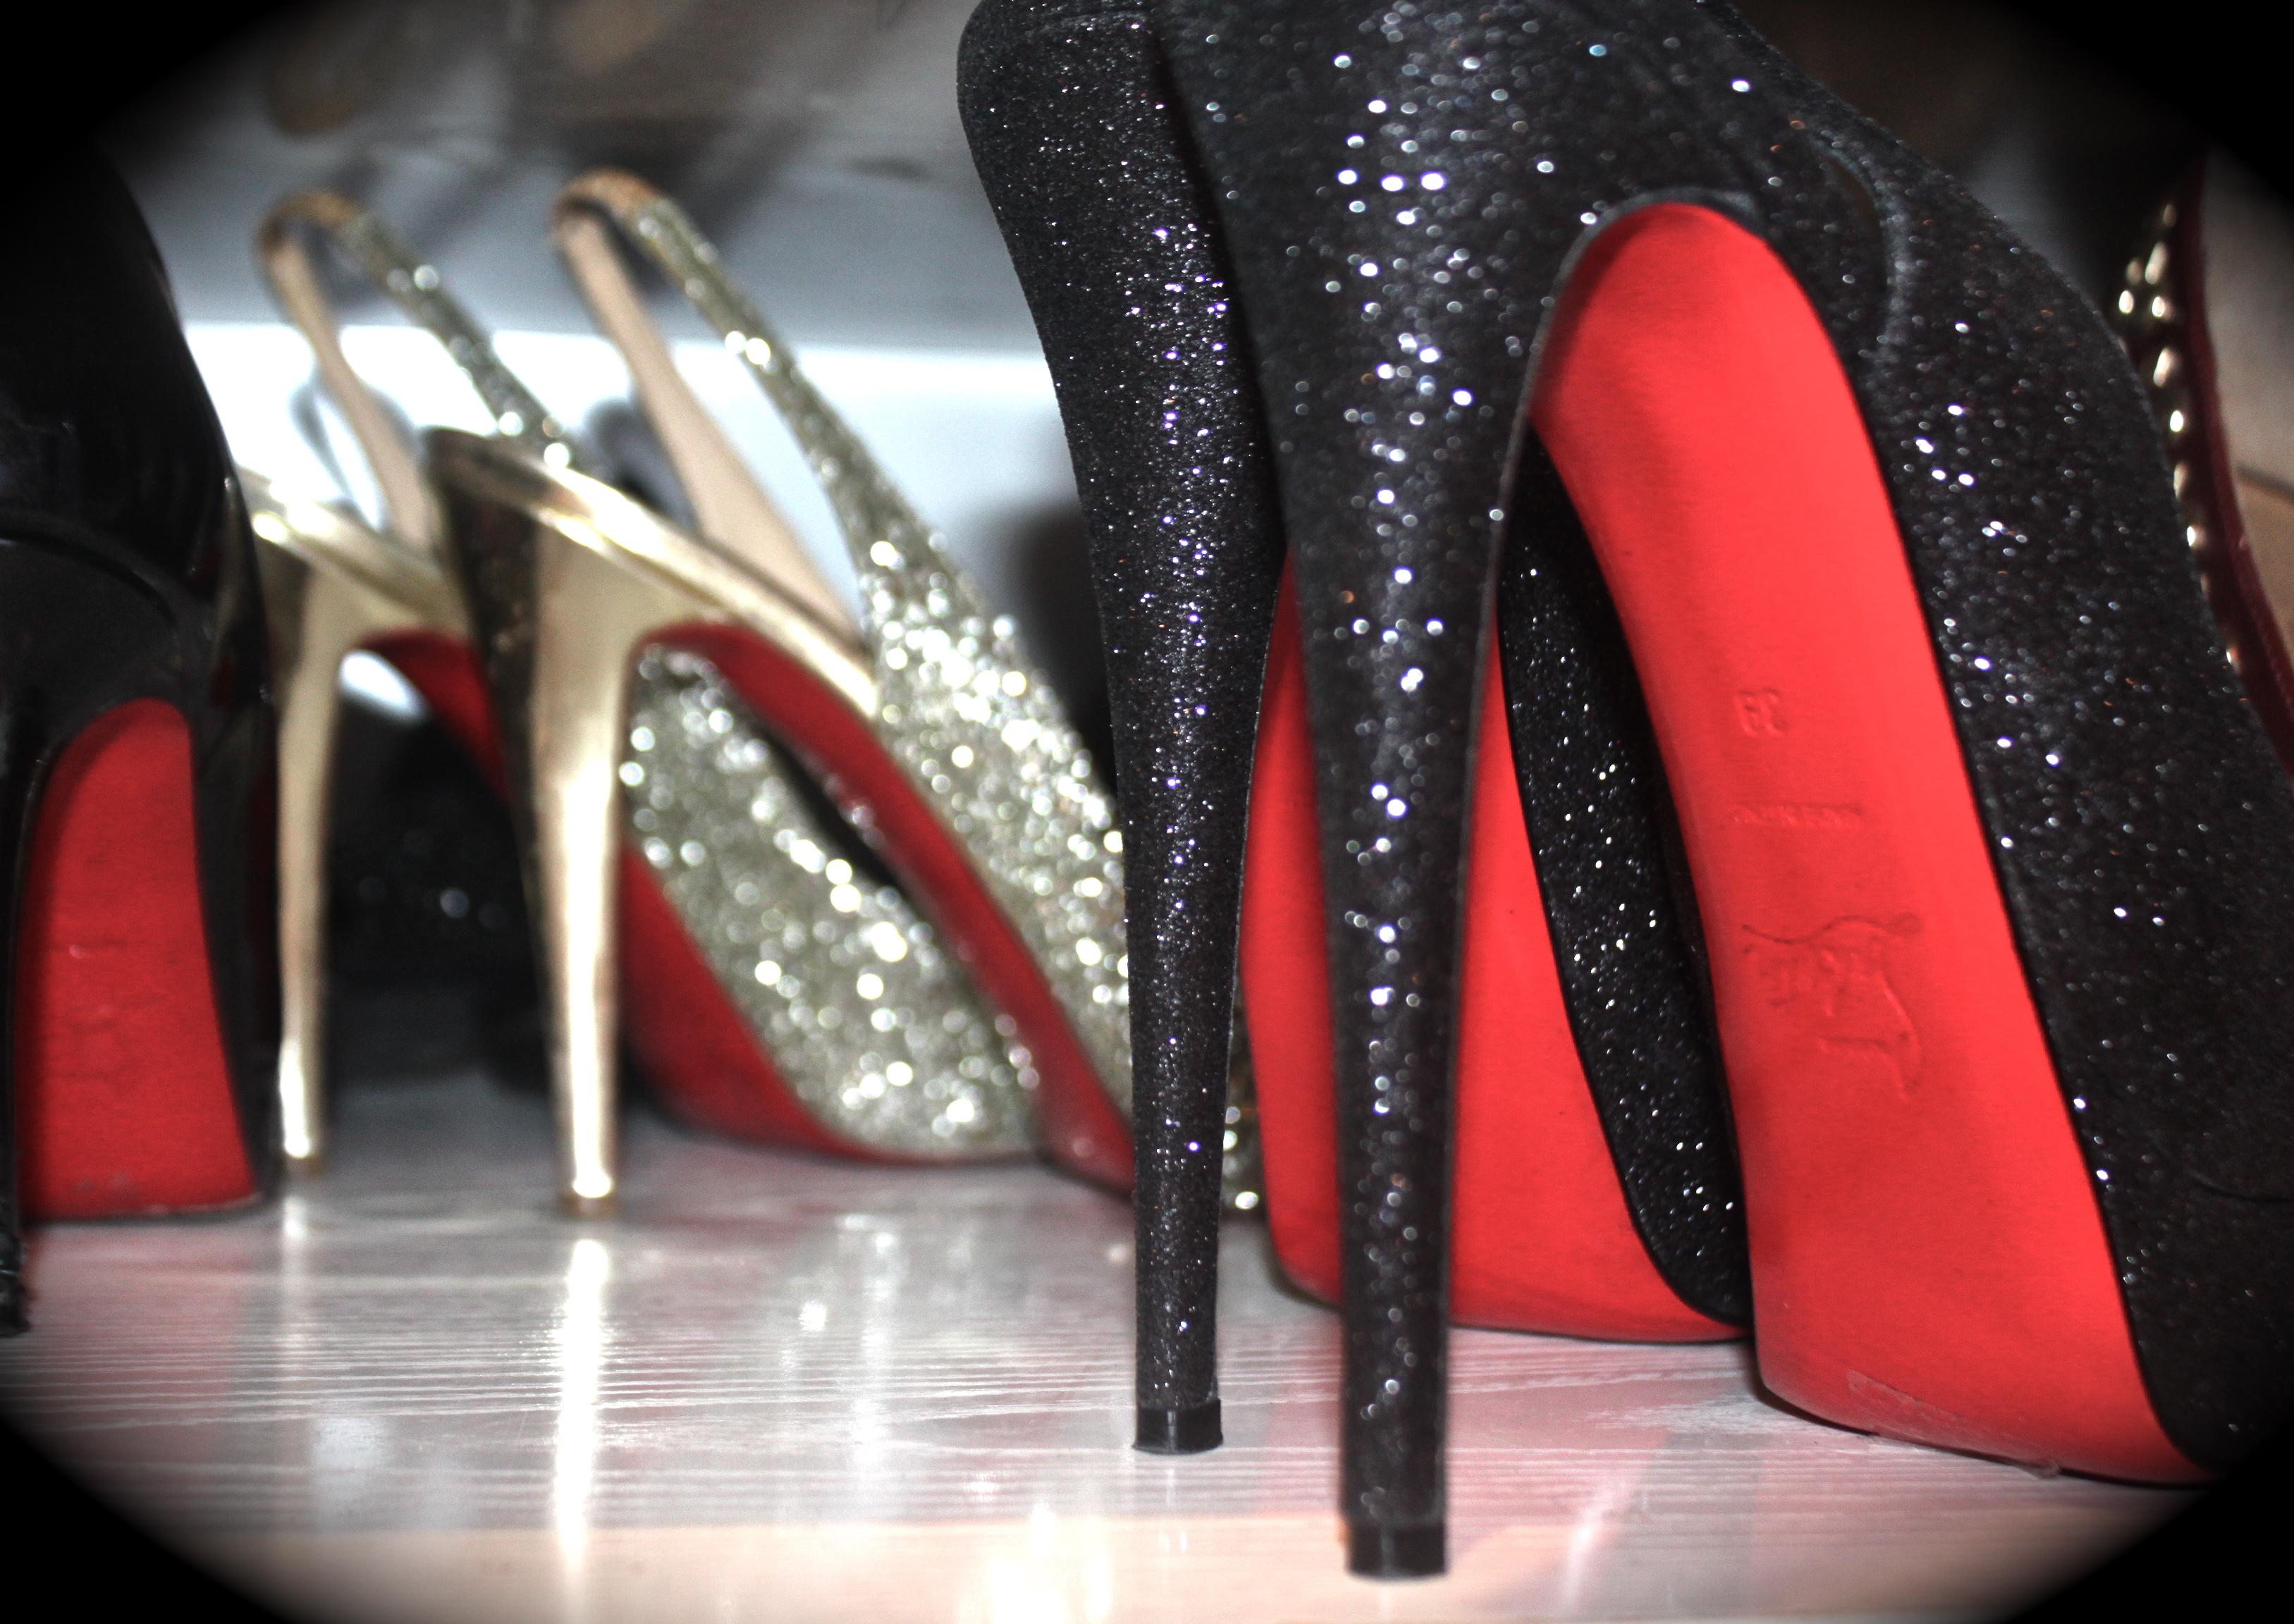 Fond d'écran : noir, rouge, mode, or, cuir, Louboutin